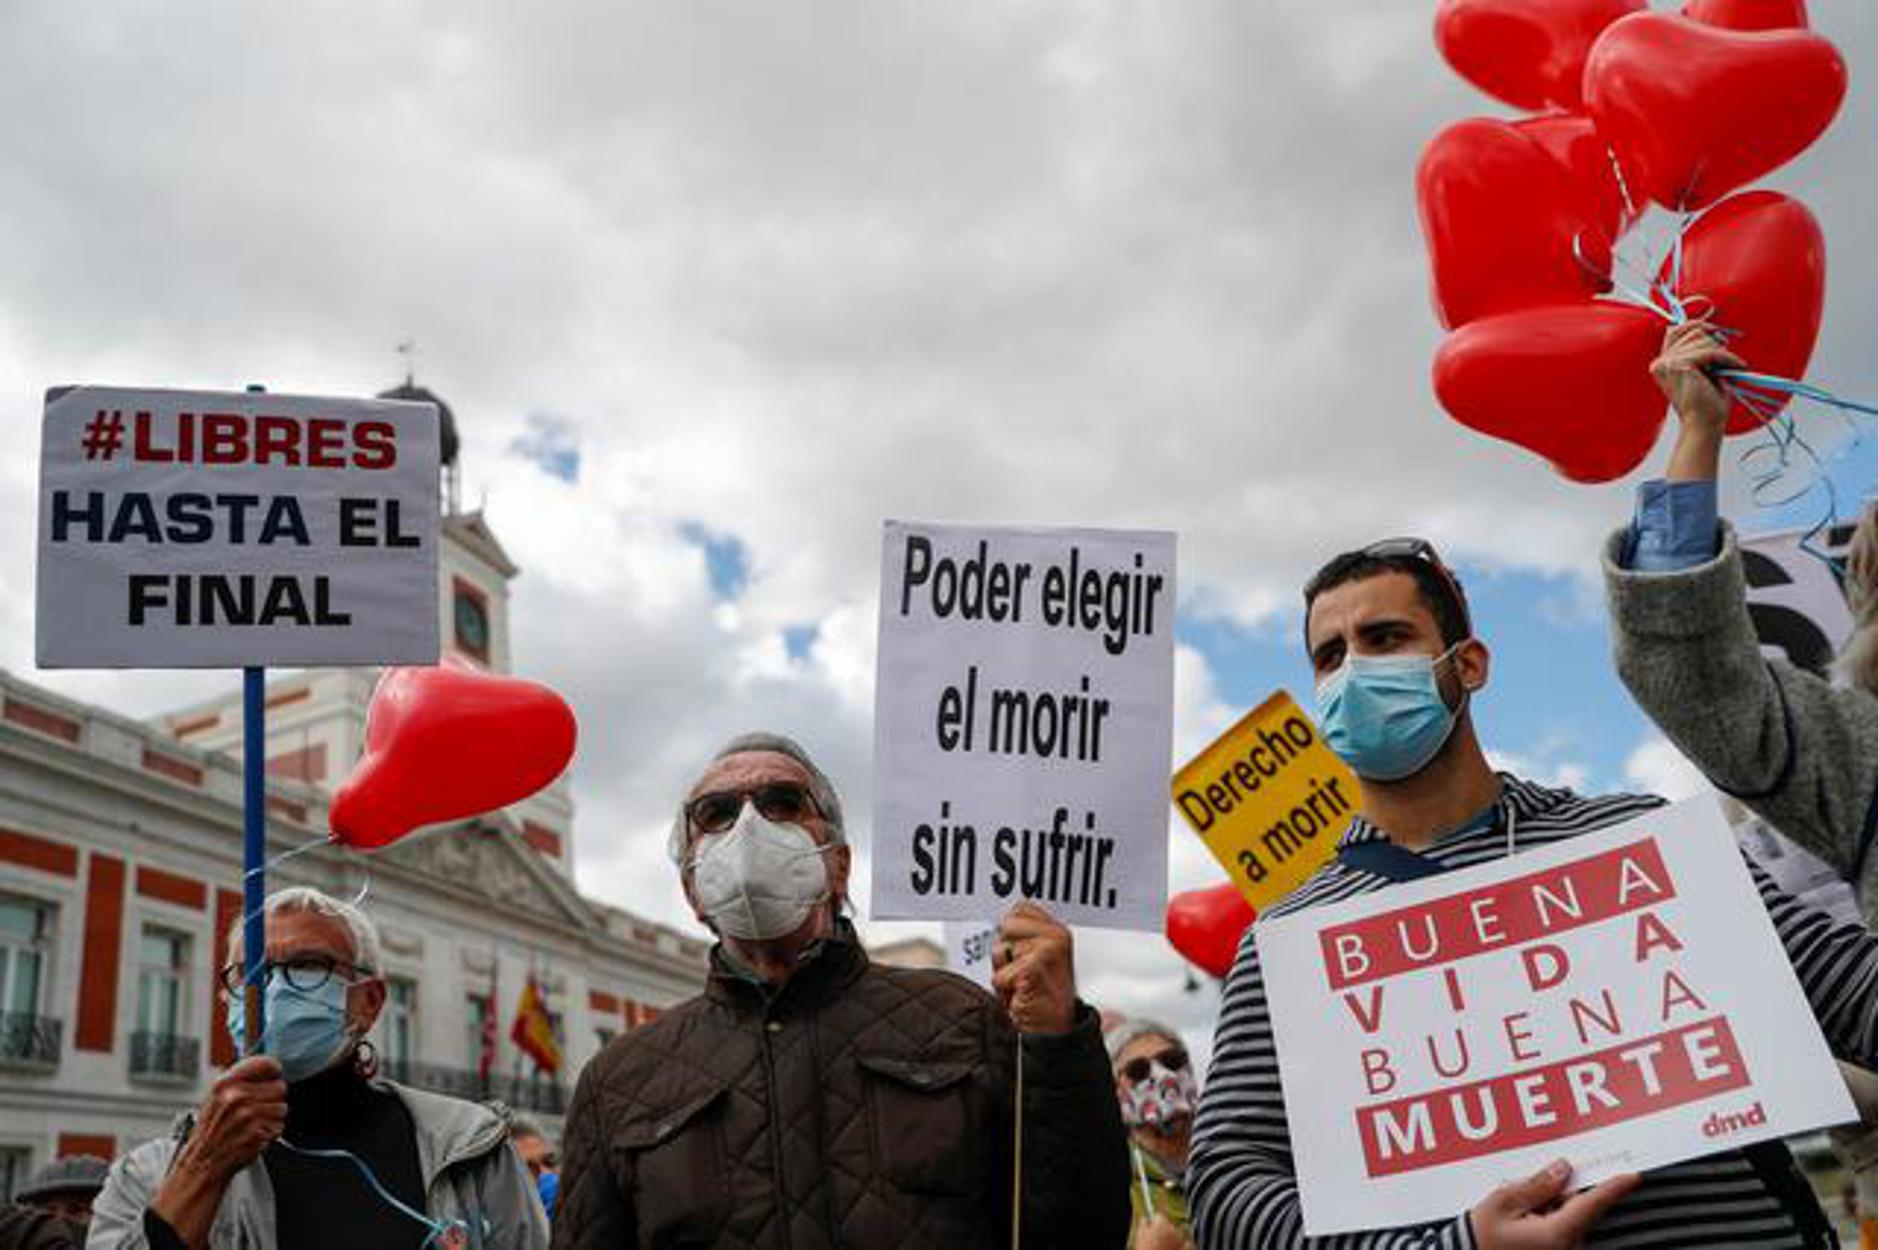 Ισπανία: Σε ισχύ από σήμερα η ευθανασία